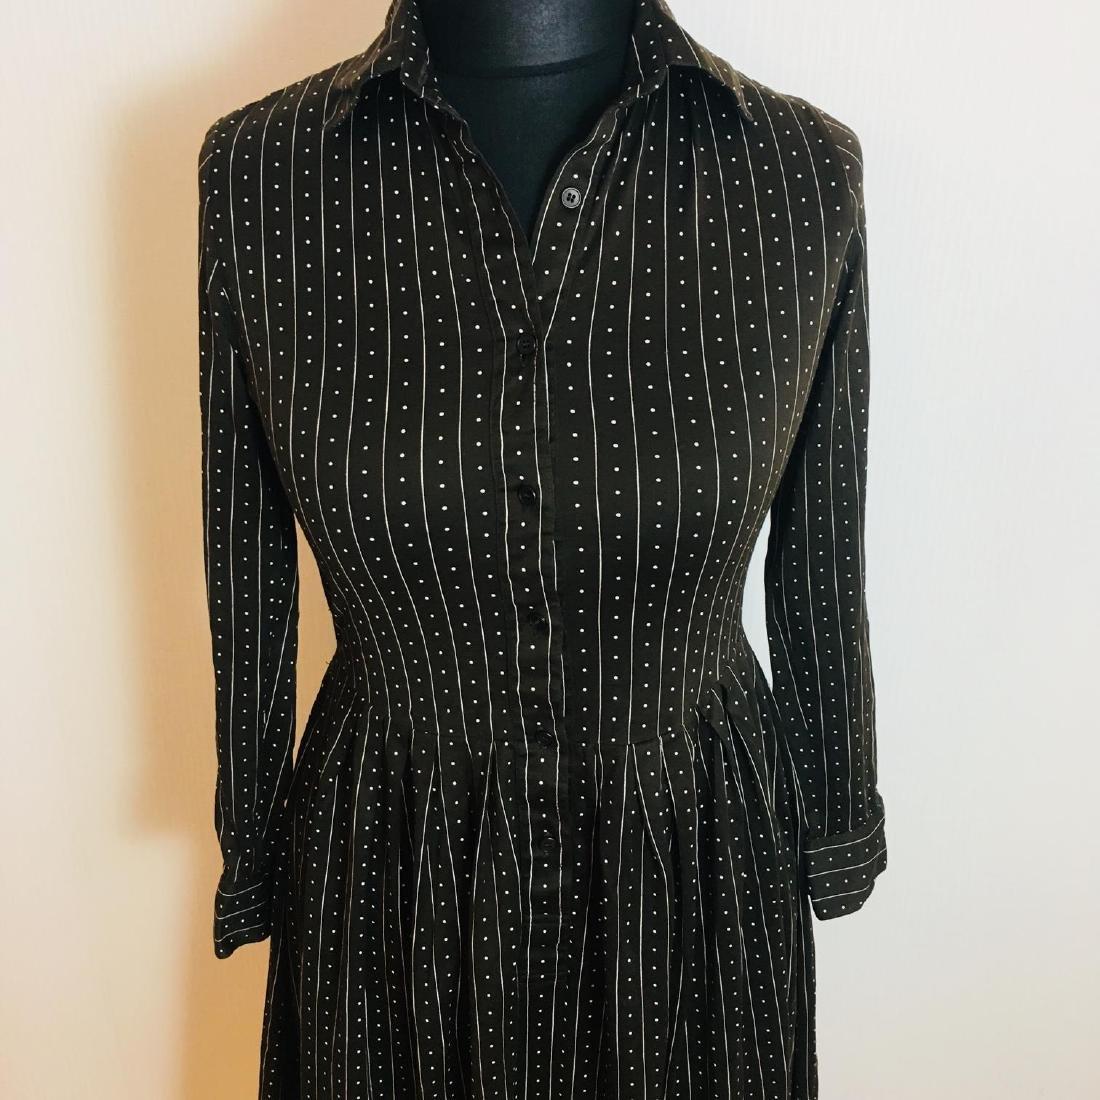 Vintage Women's Cocktail Evening Dress Size EUR 38 US 8 - 2